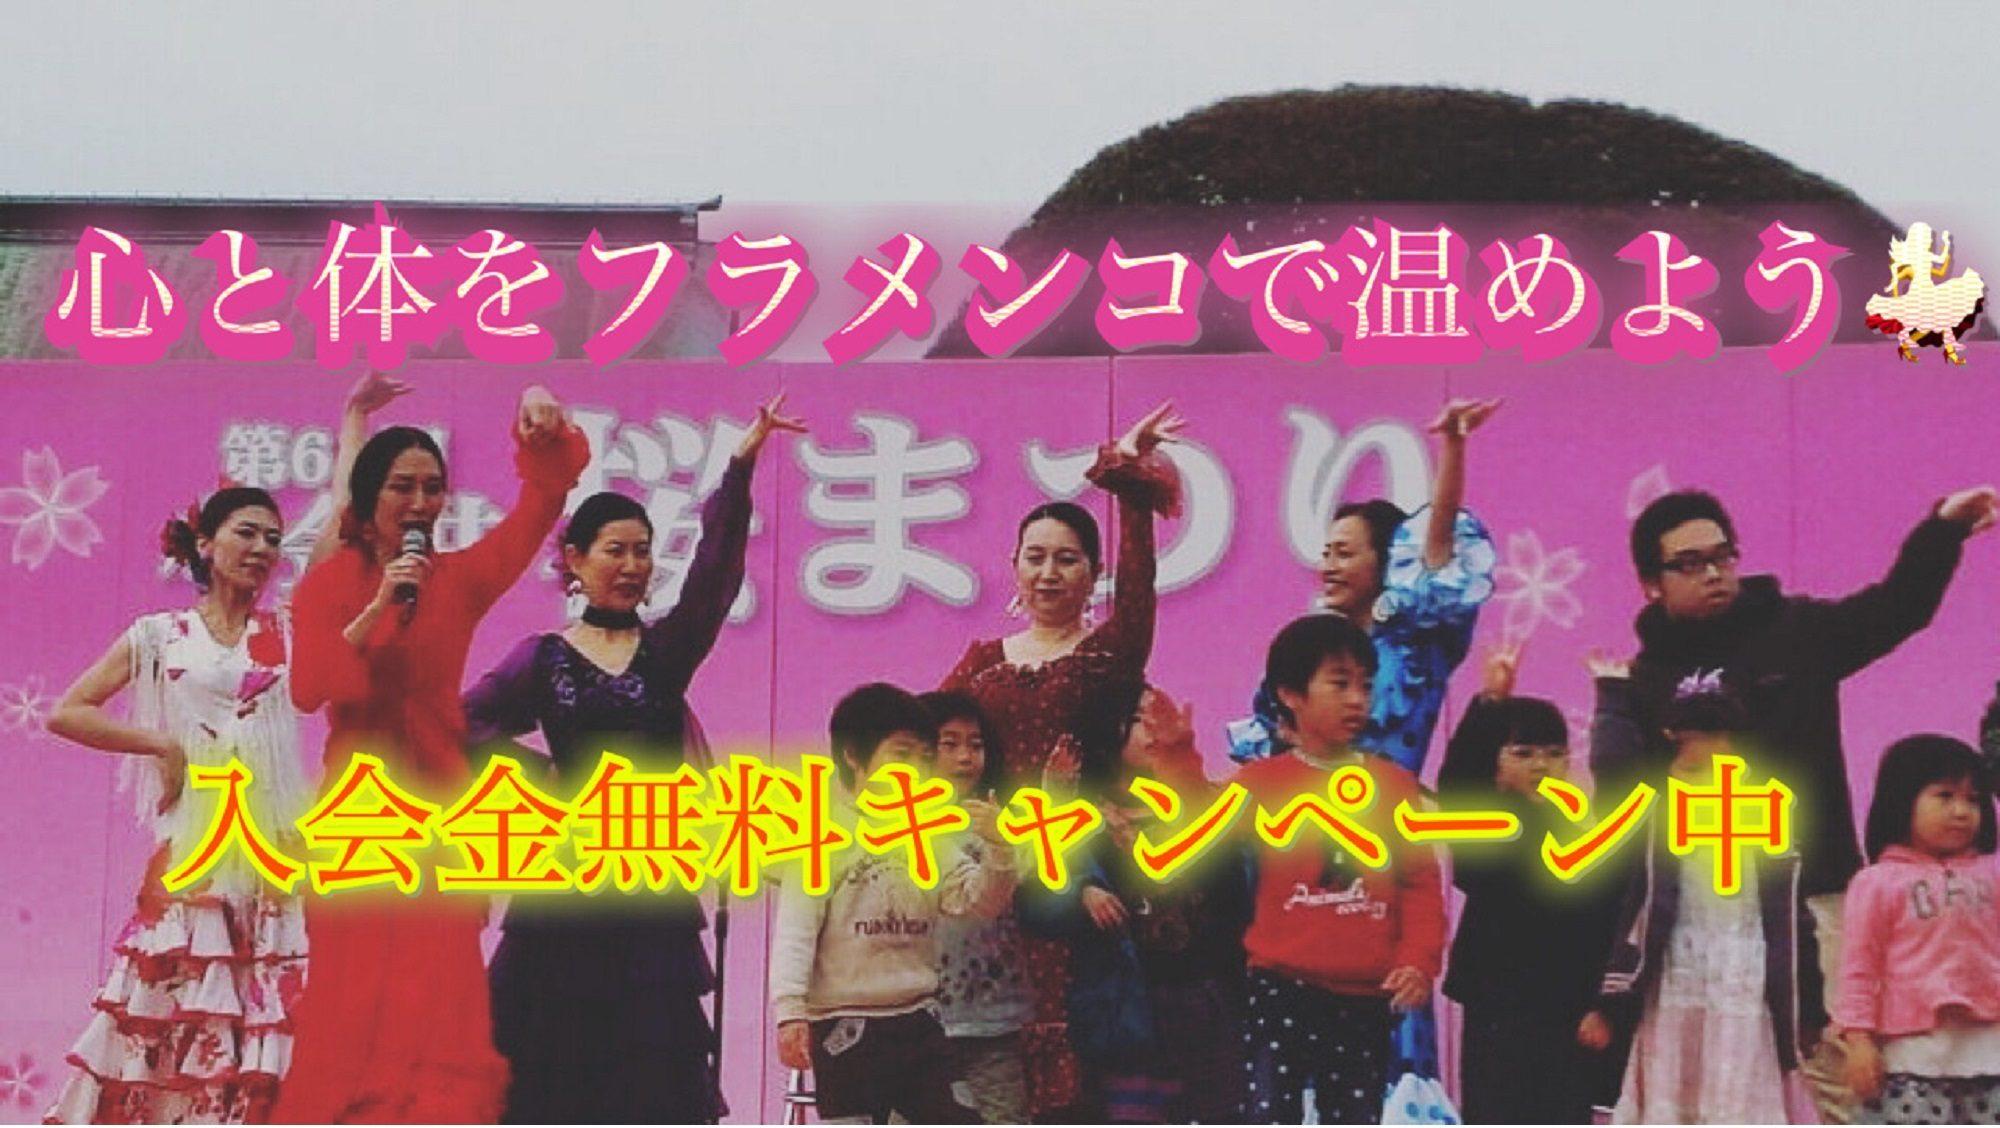 西川千鶴フラメンコ教室 Estudio Aixa